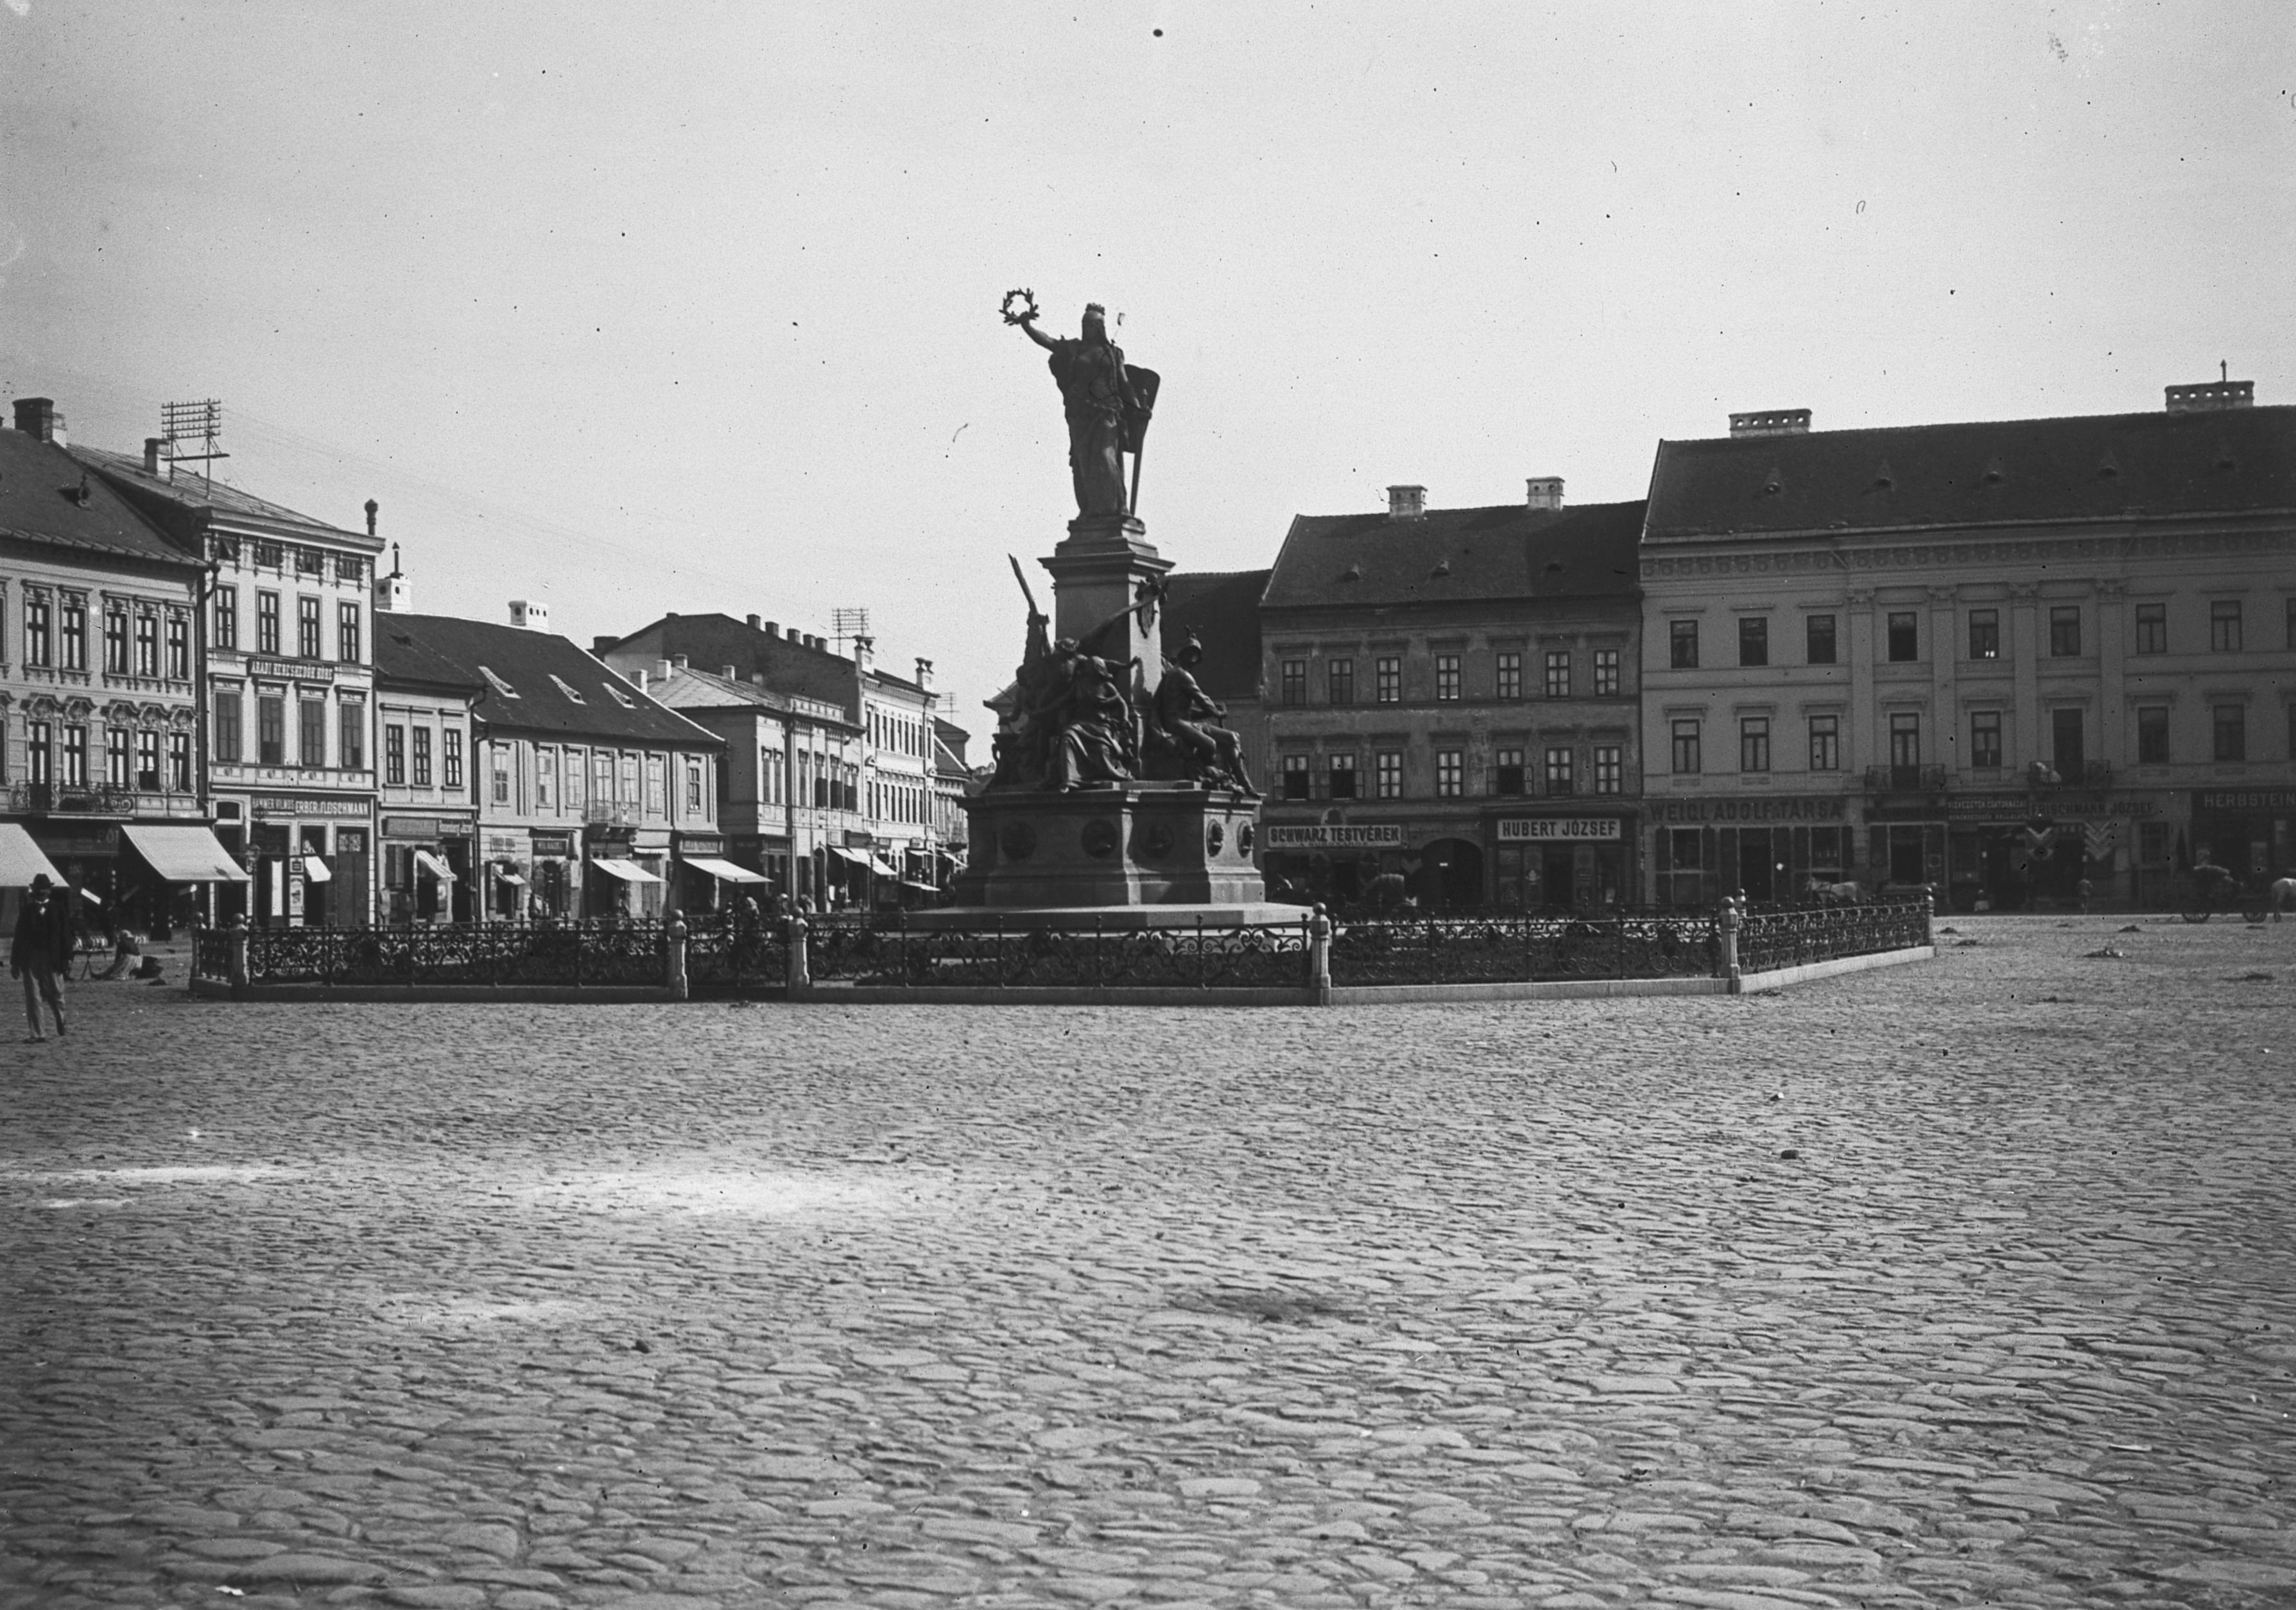 File:Szabadság tér, Aradi vértanúk-emlékműve (Huszár Adolf és Zala György  alkotása